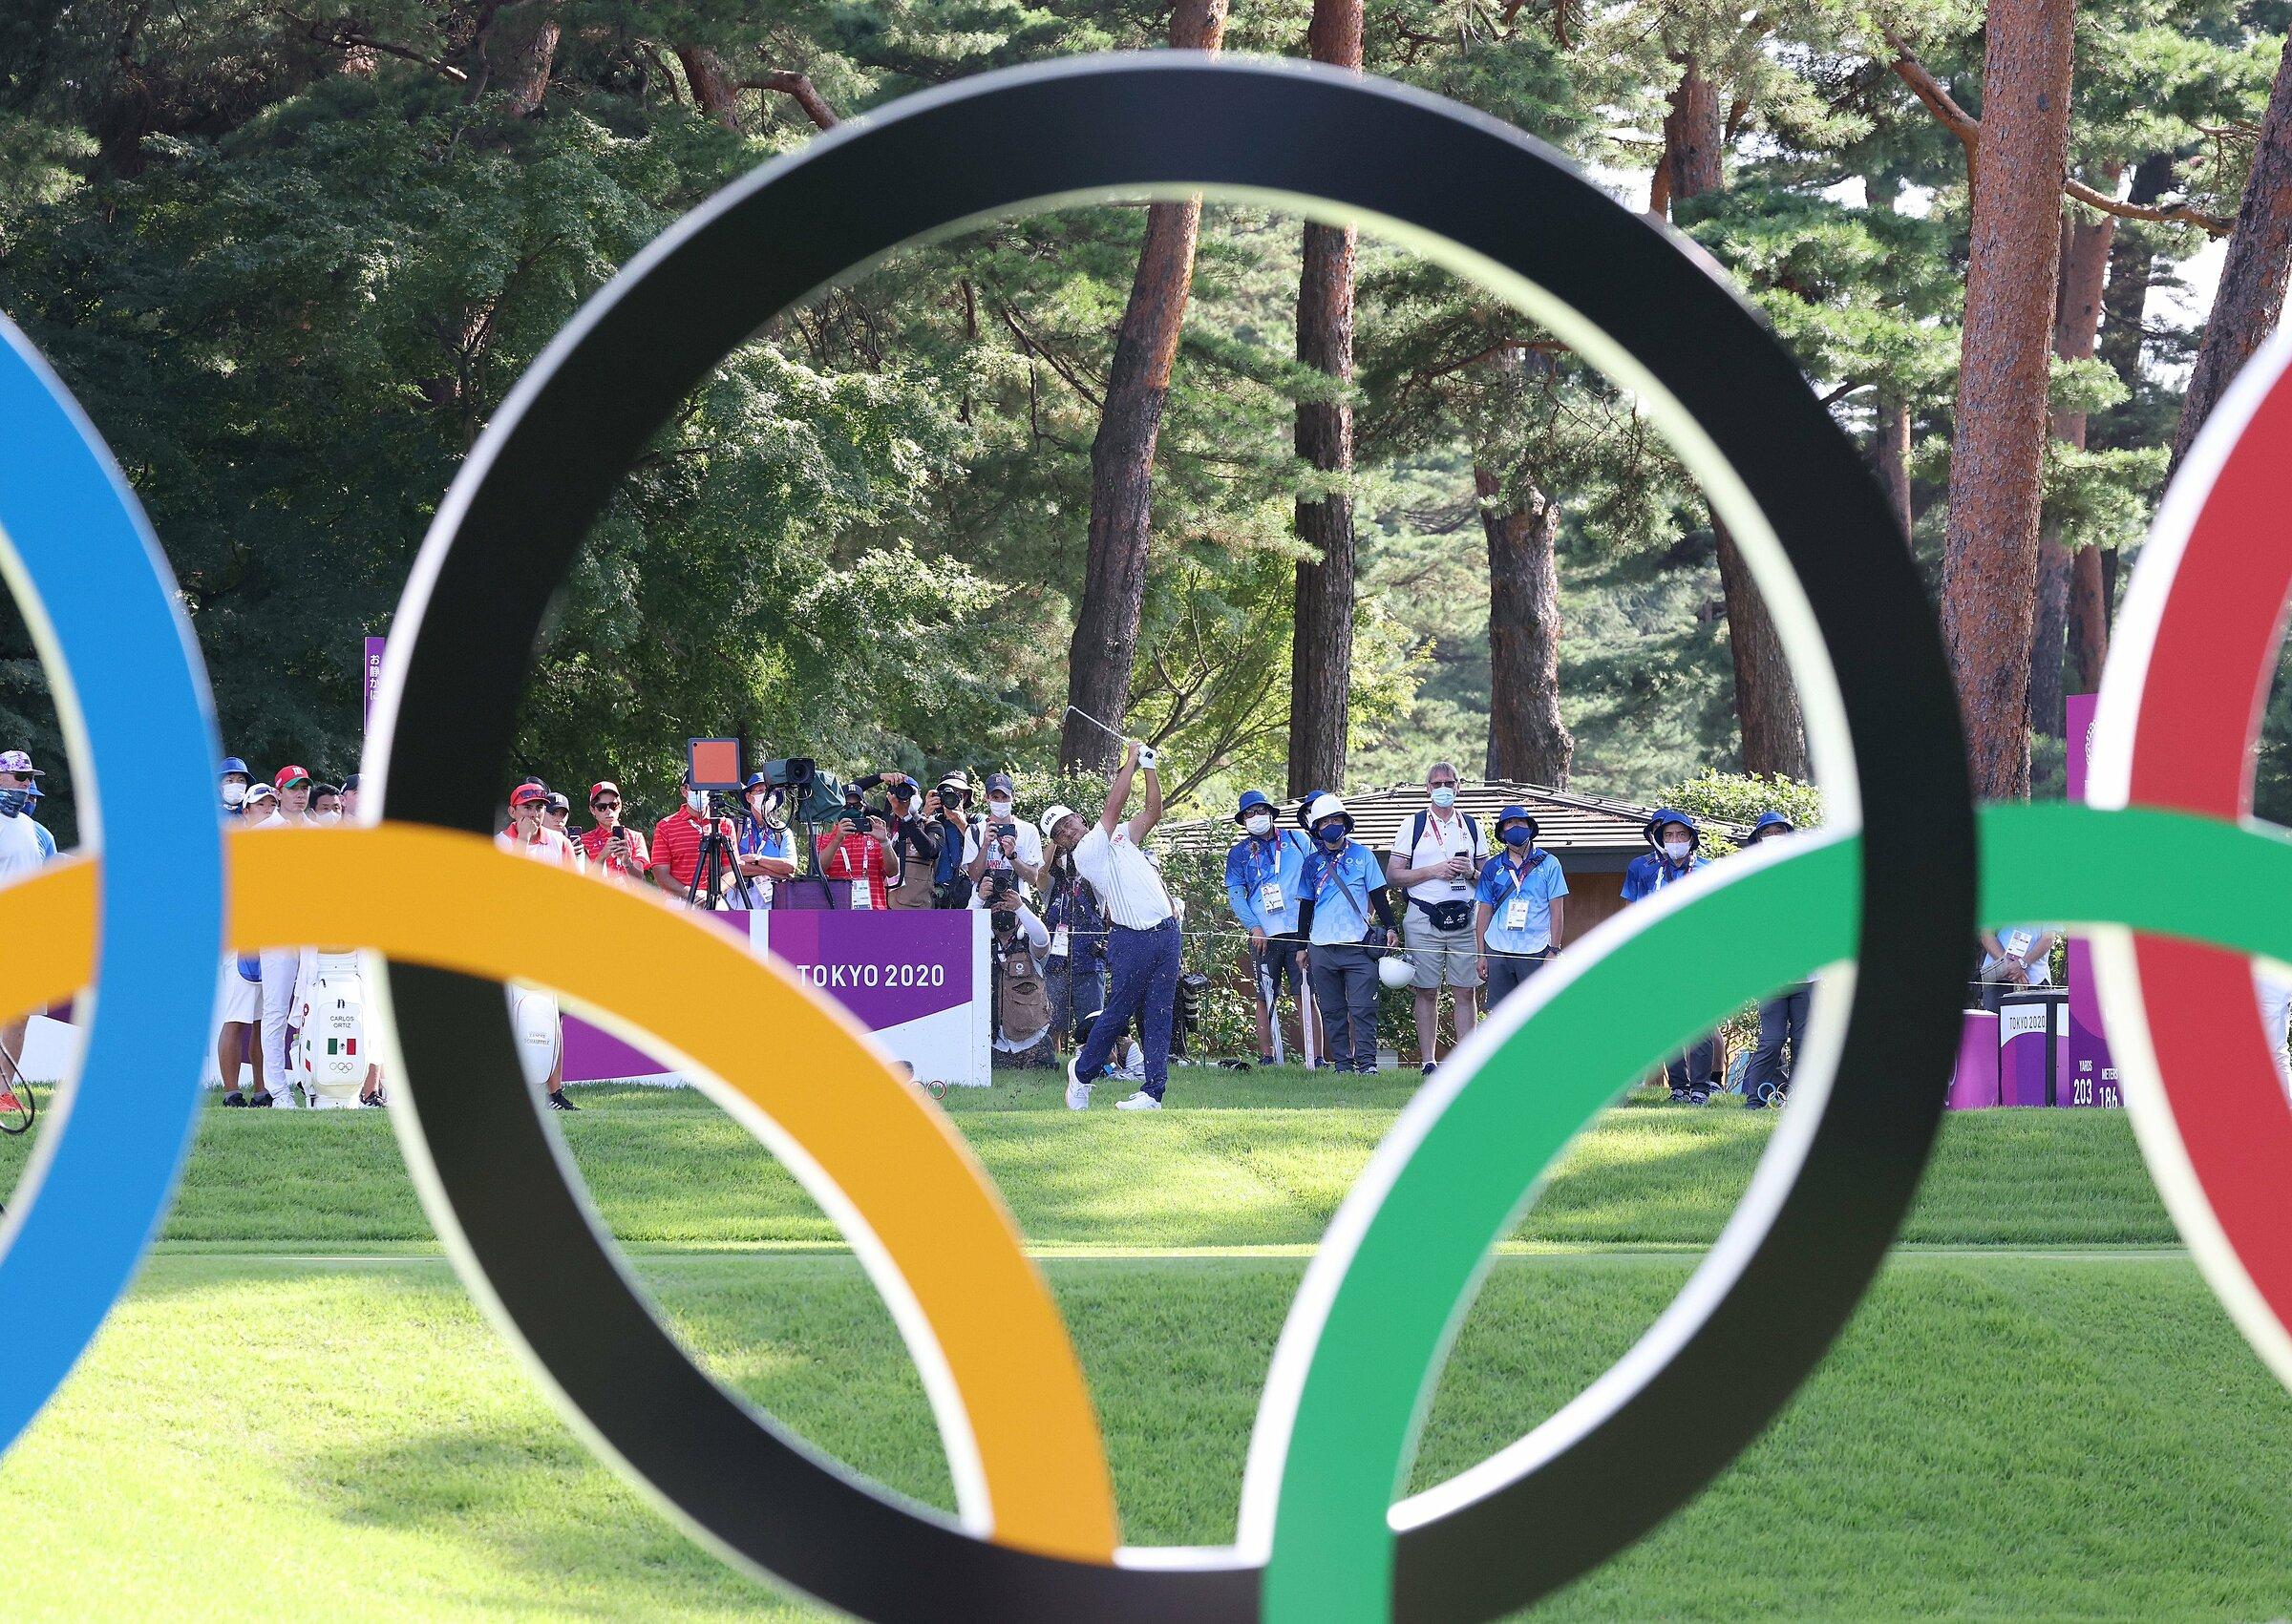 Schaufele đang dẫn đầu đoàn tranh huy chương golf Olympic Tokyo 2020. Ảnh: Tokyo 2020